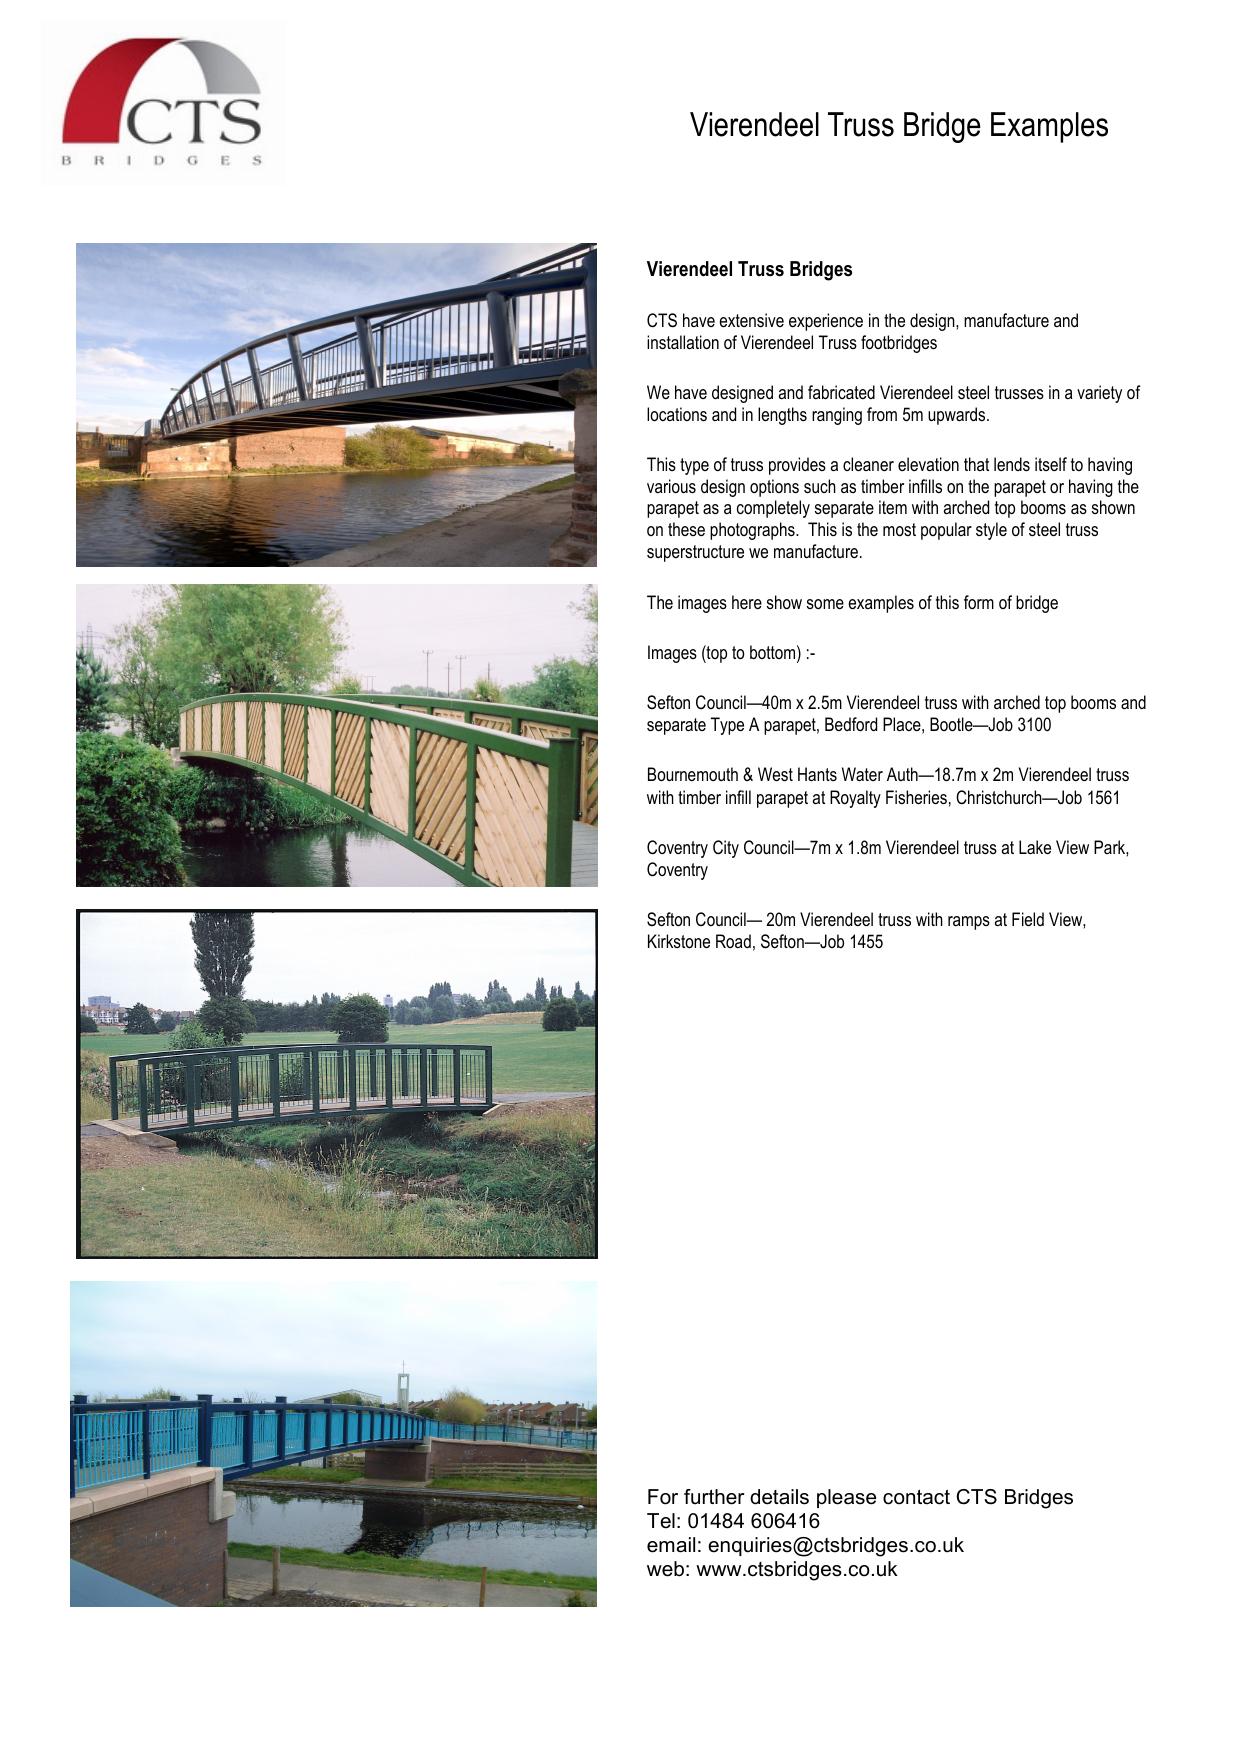 Vierendeel Truss Bridge Examples Vierendeel Truss Bridges